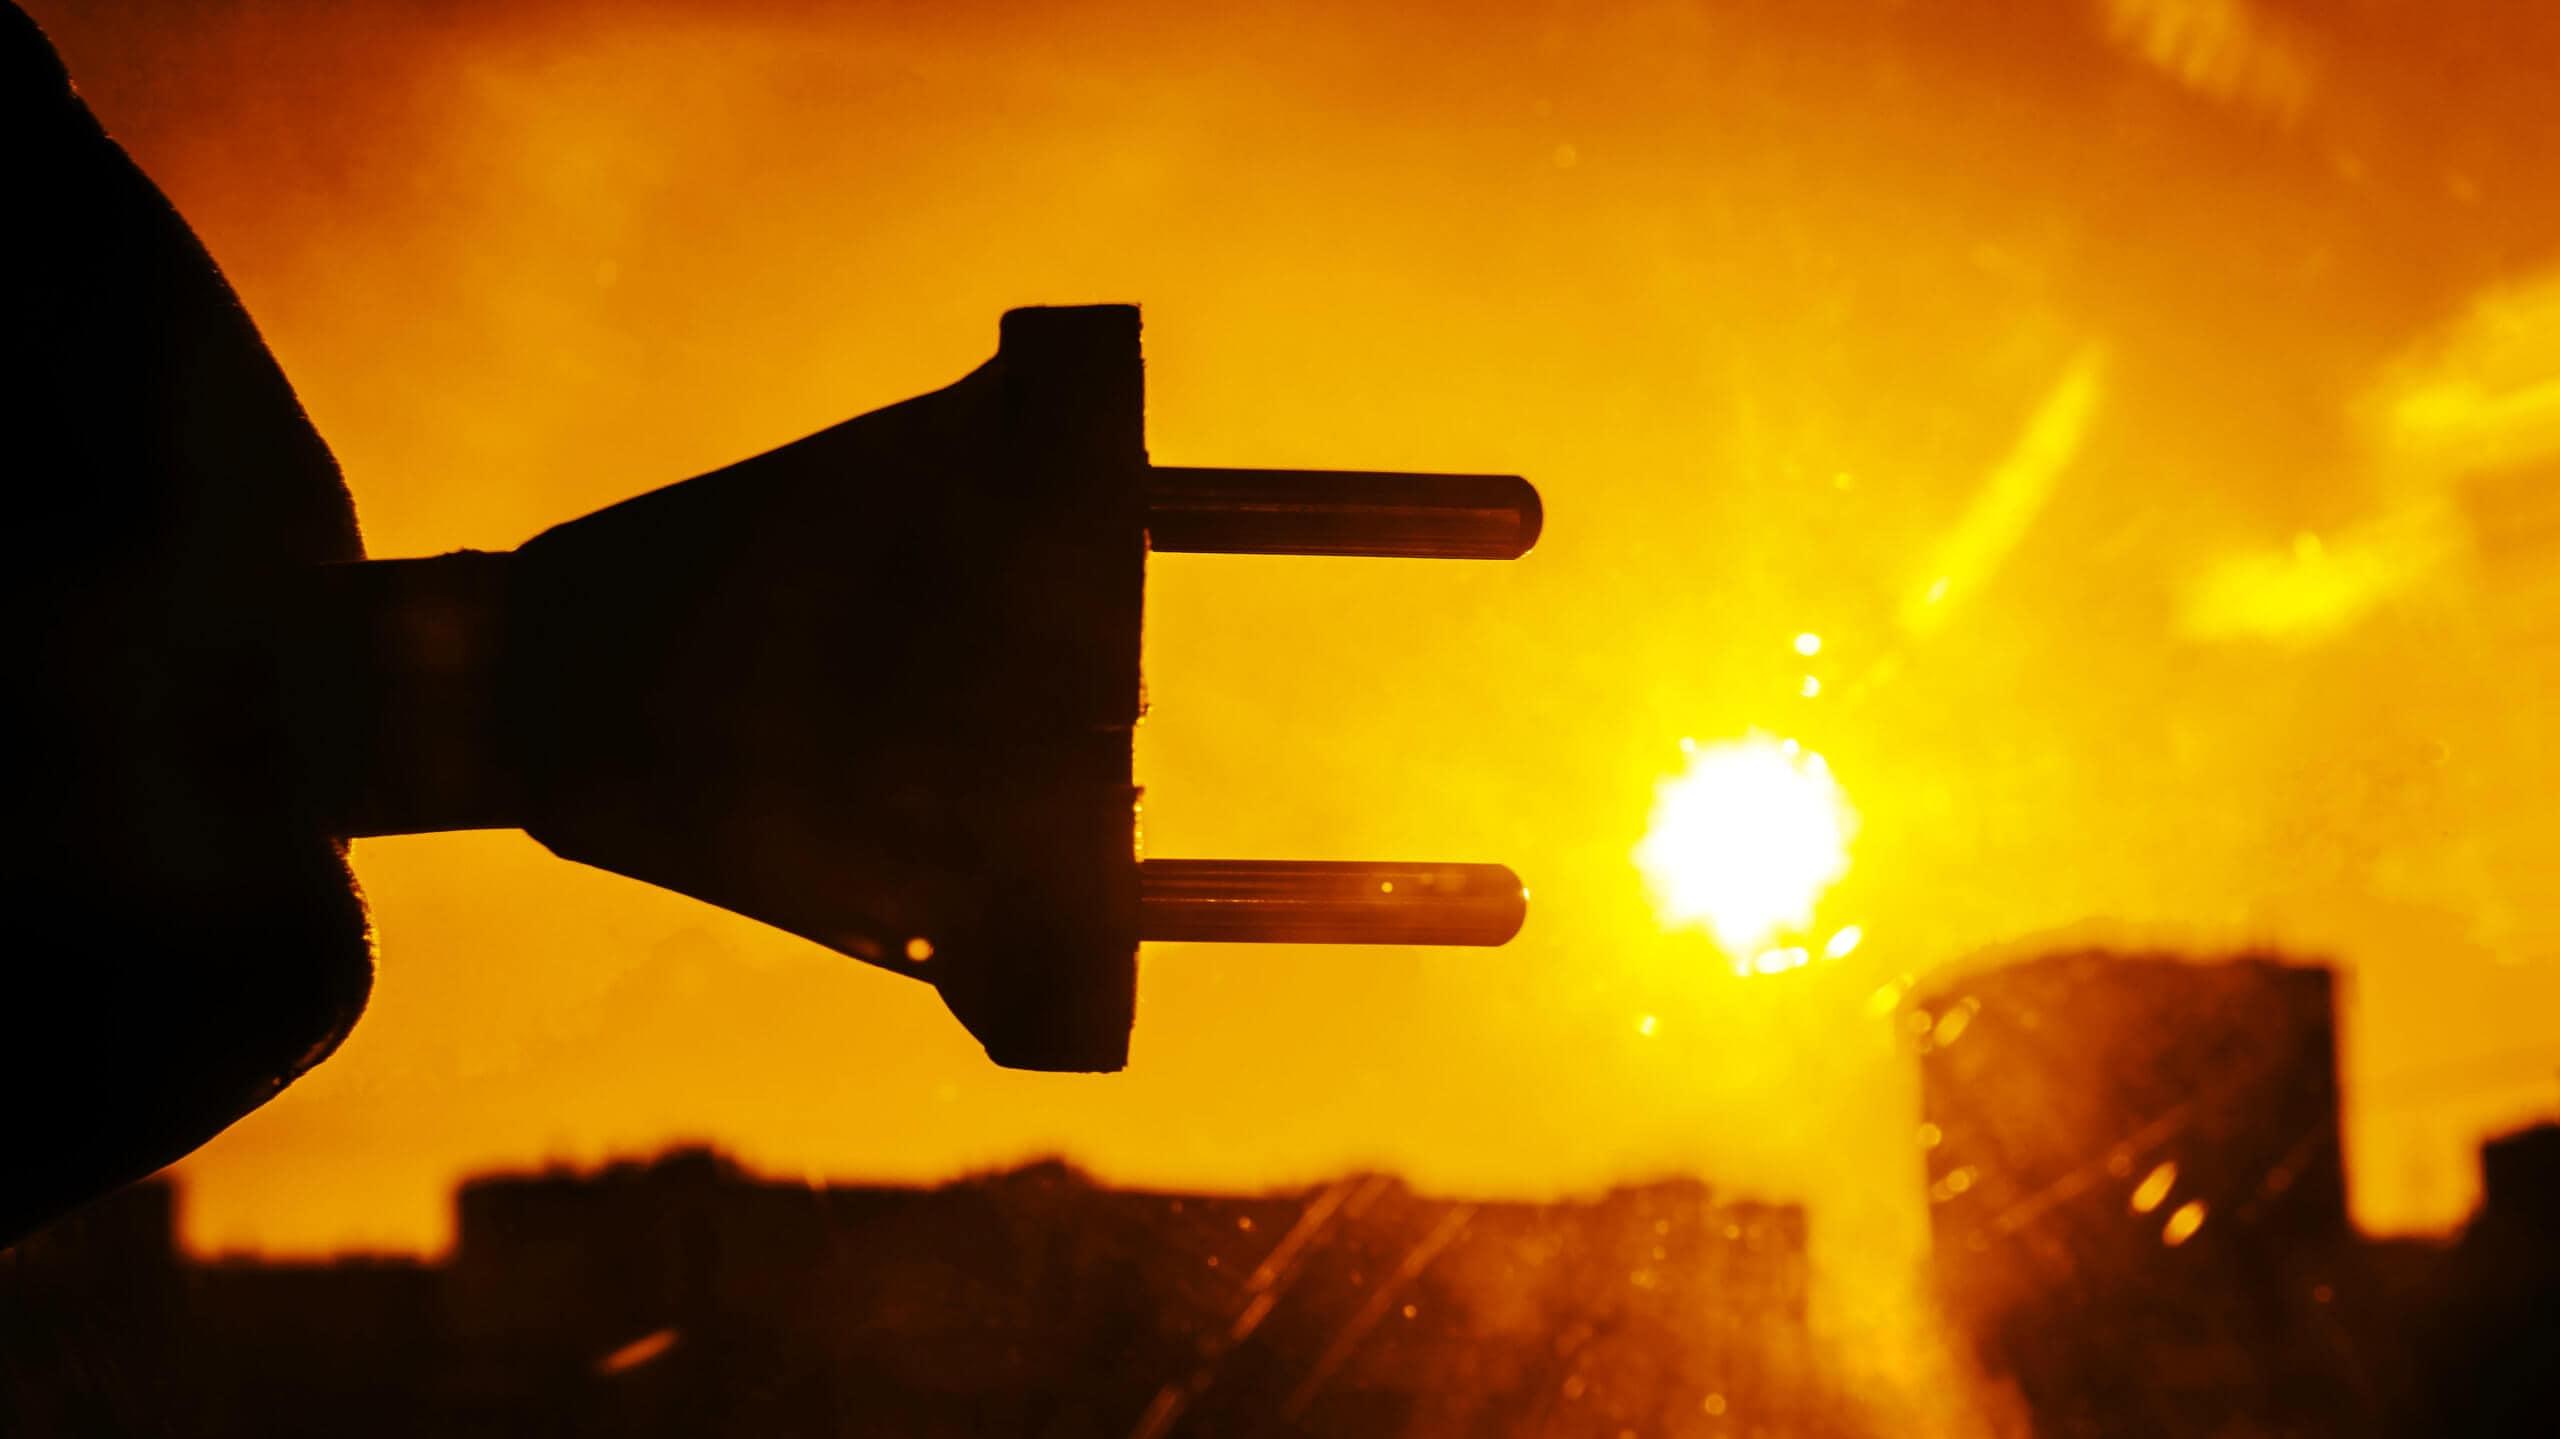 Stromstecker wird in die Sonne gehalten.